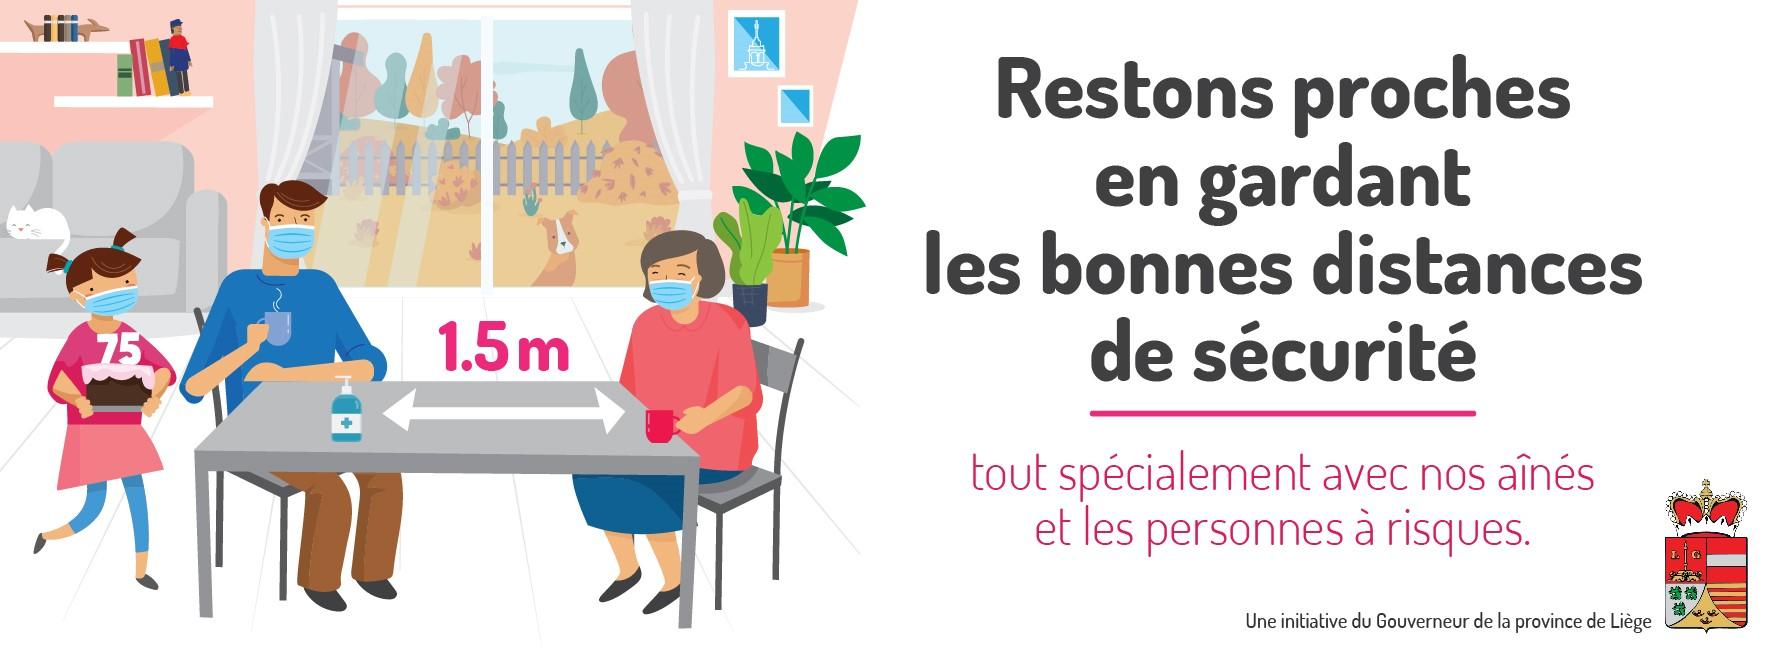 Campagne de sensibilisation en province de Liège sur l'hyper-protection des personnes vulnérables